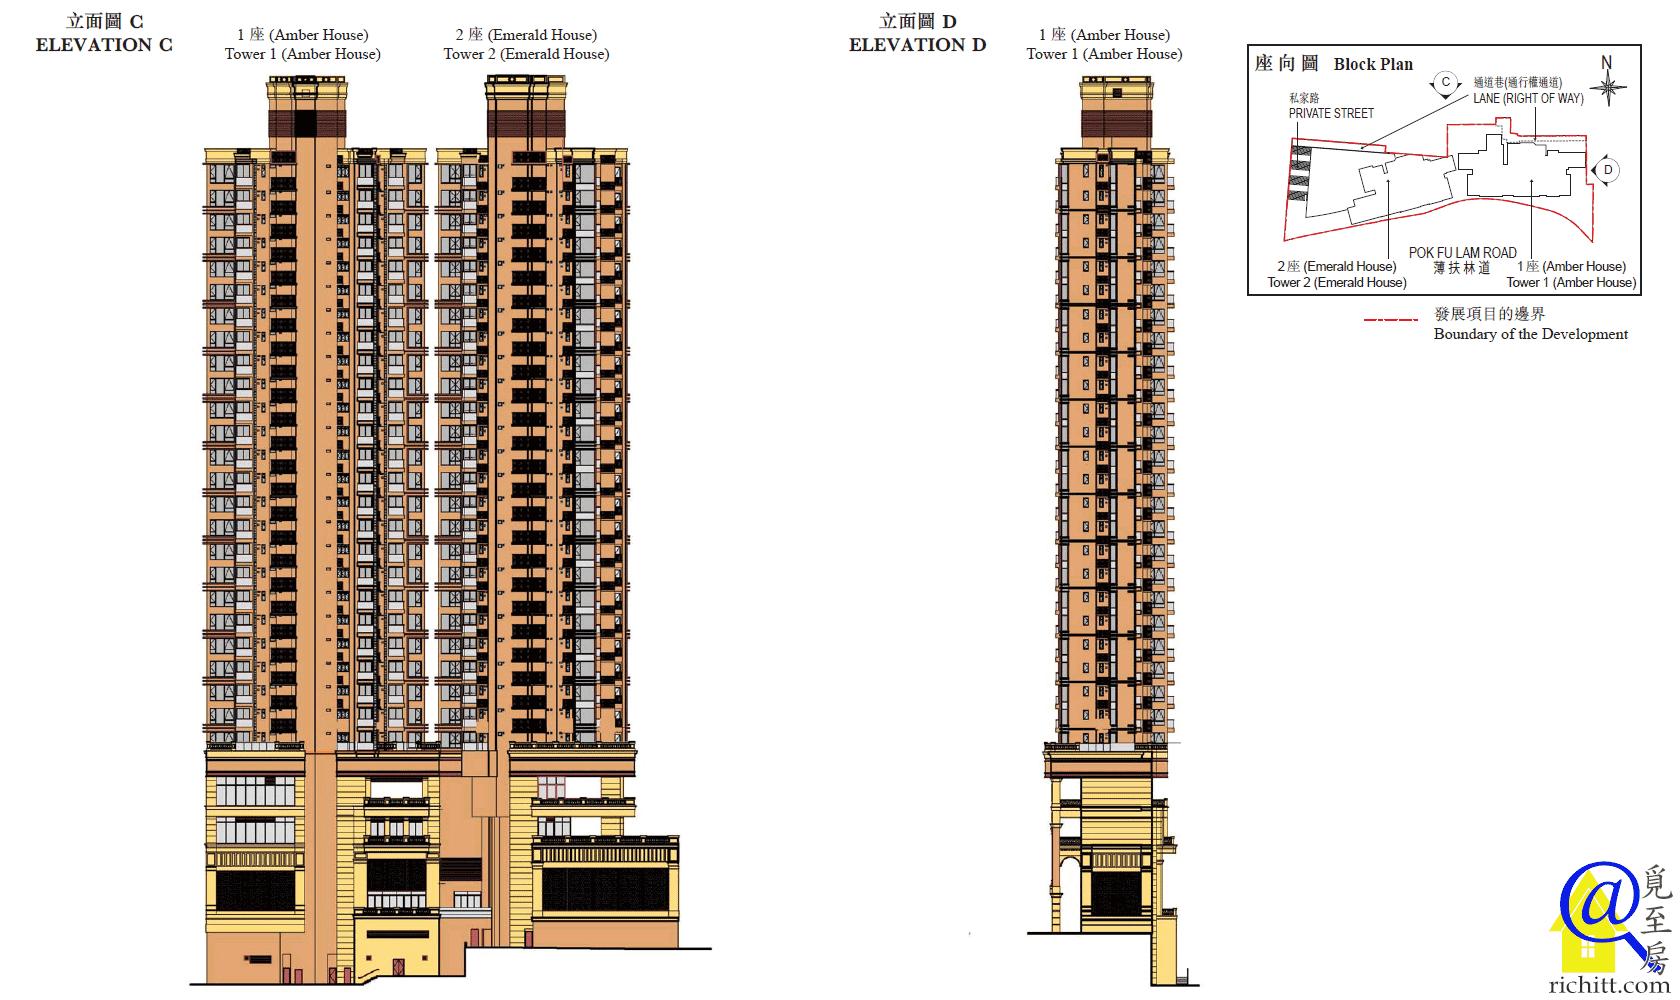 63 Pokfulam立面圖C及D